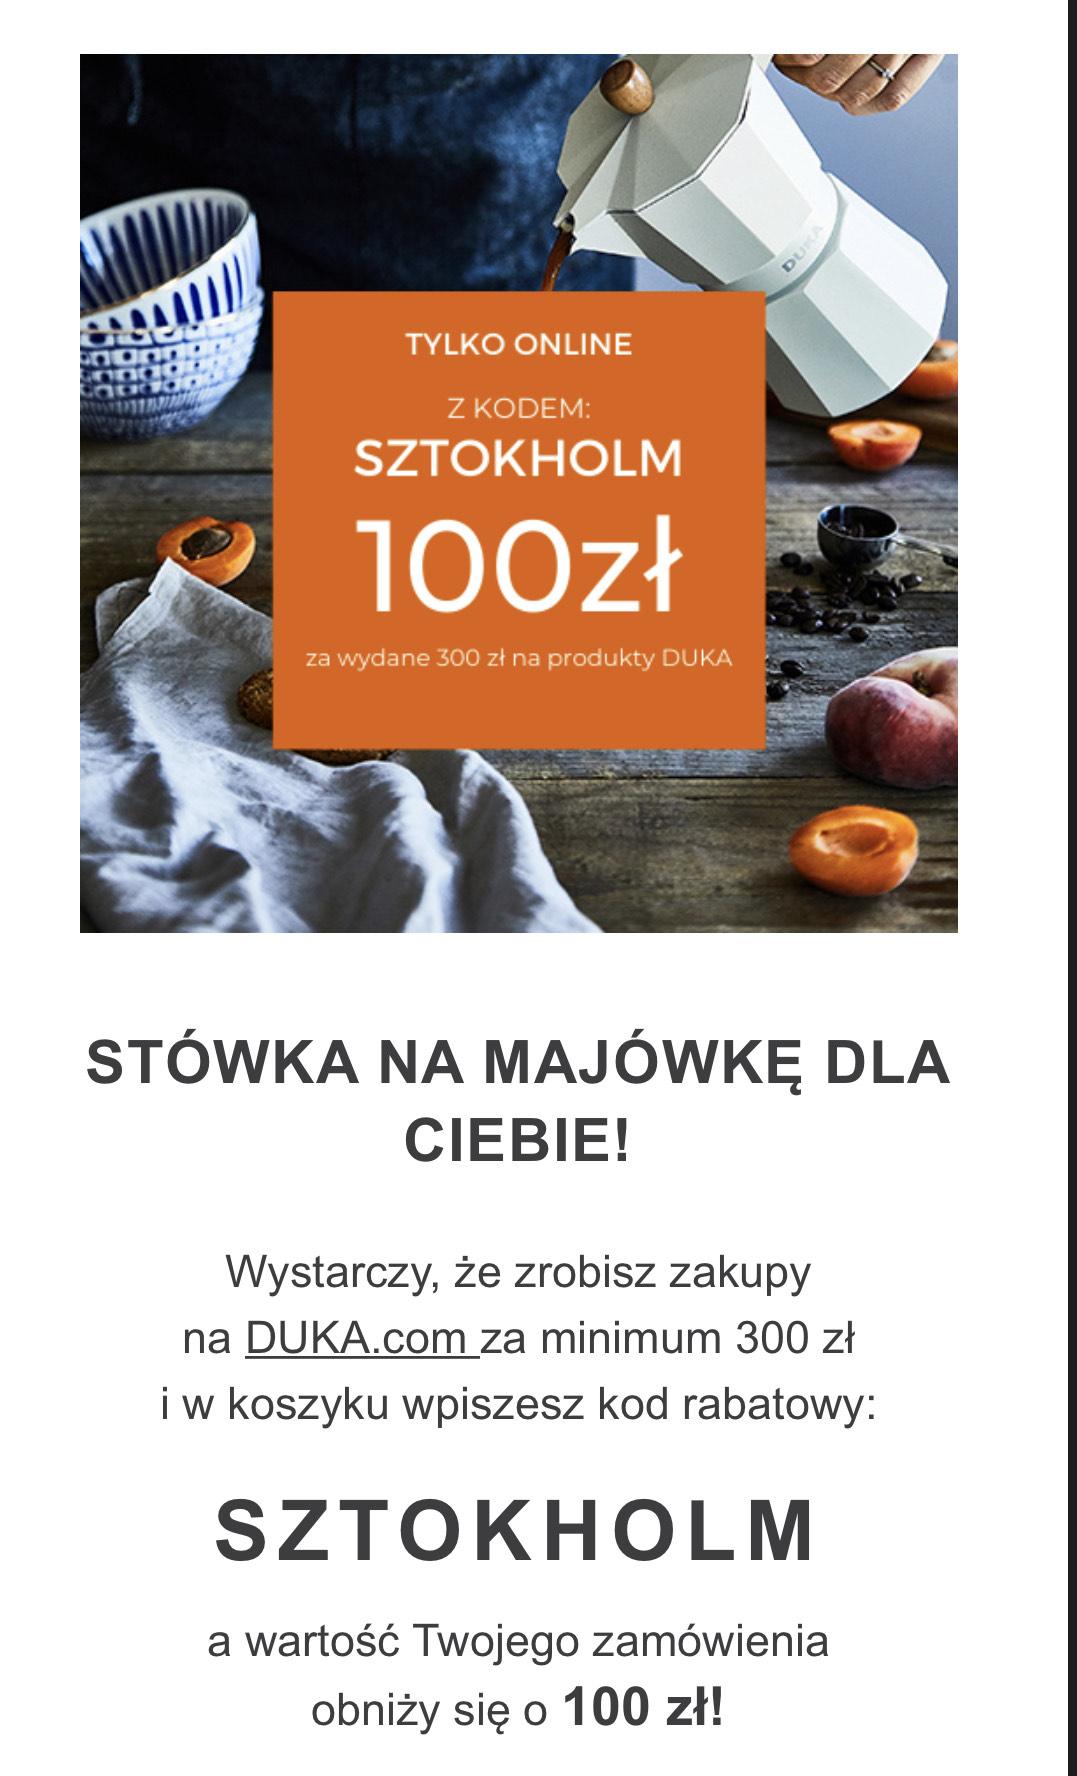 DUKA - 100 zł rabatu przy zakupach za 300 zł